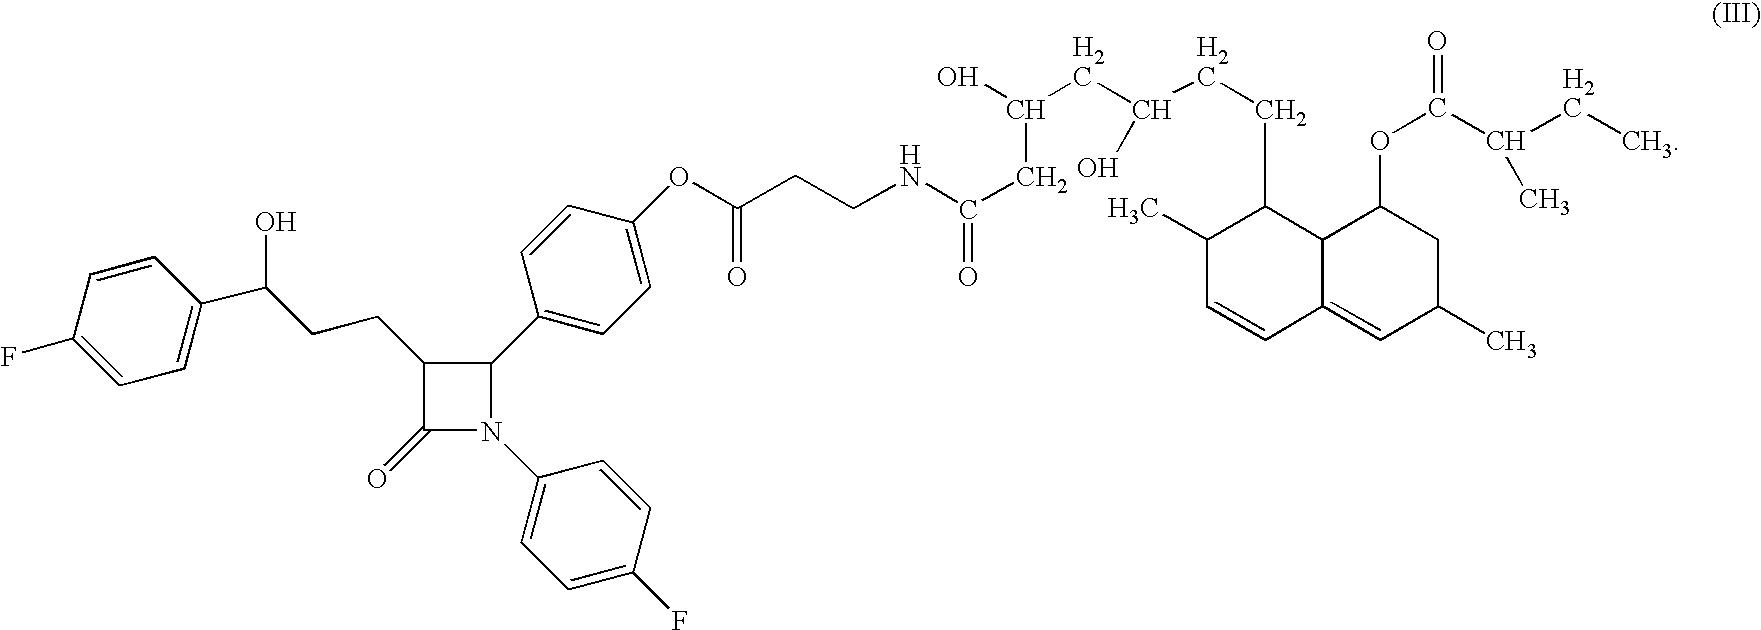 Figure US07741289-20100622-C00016